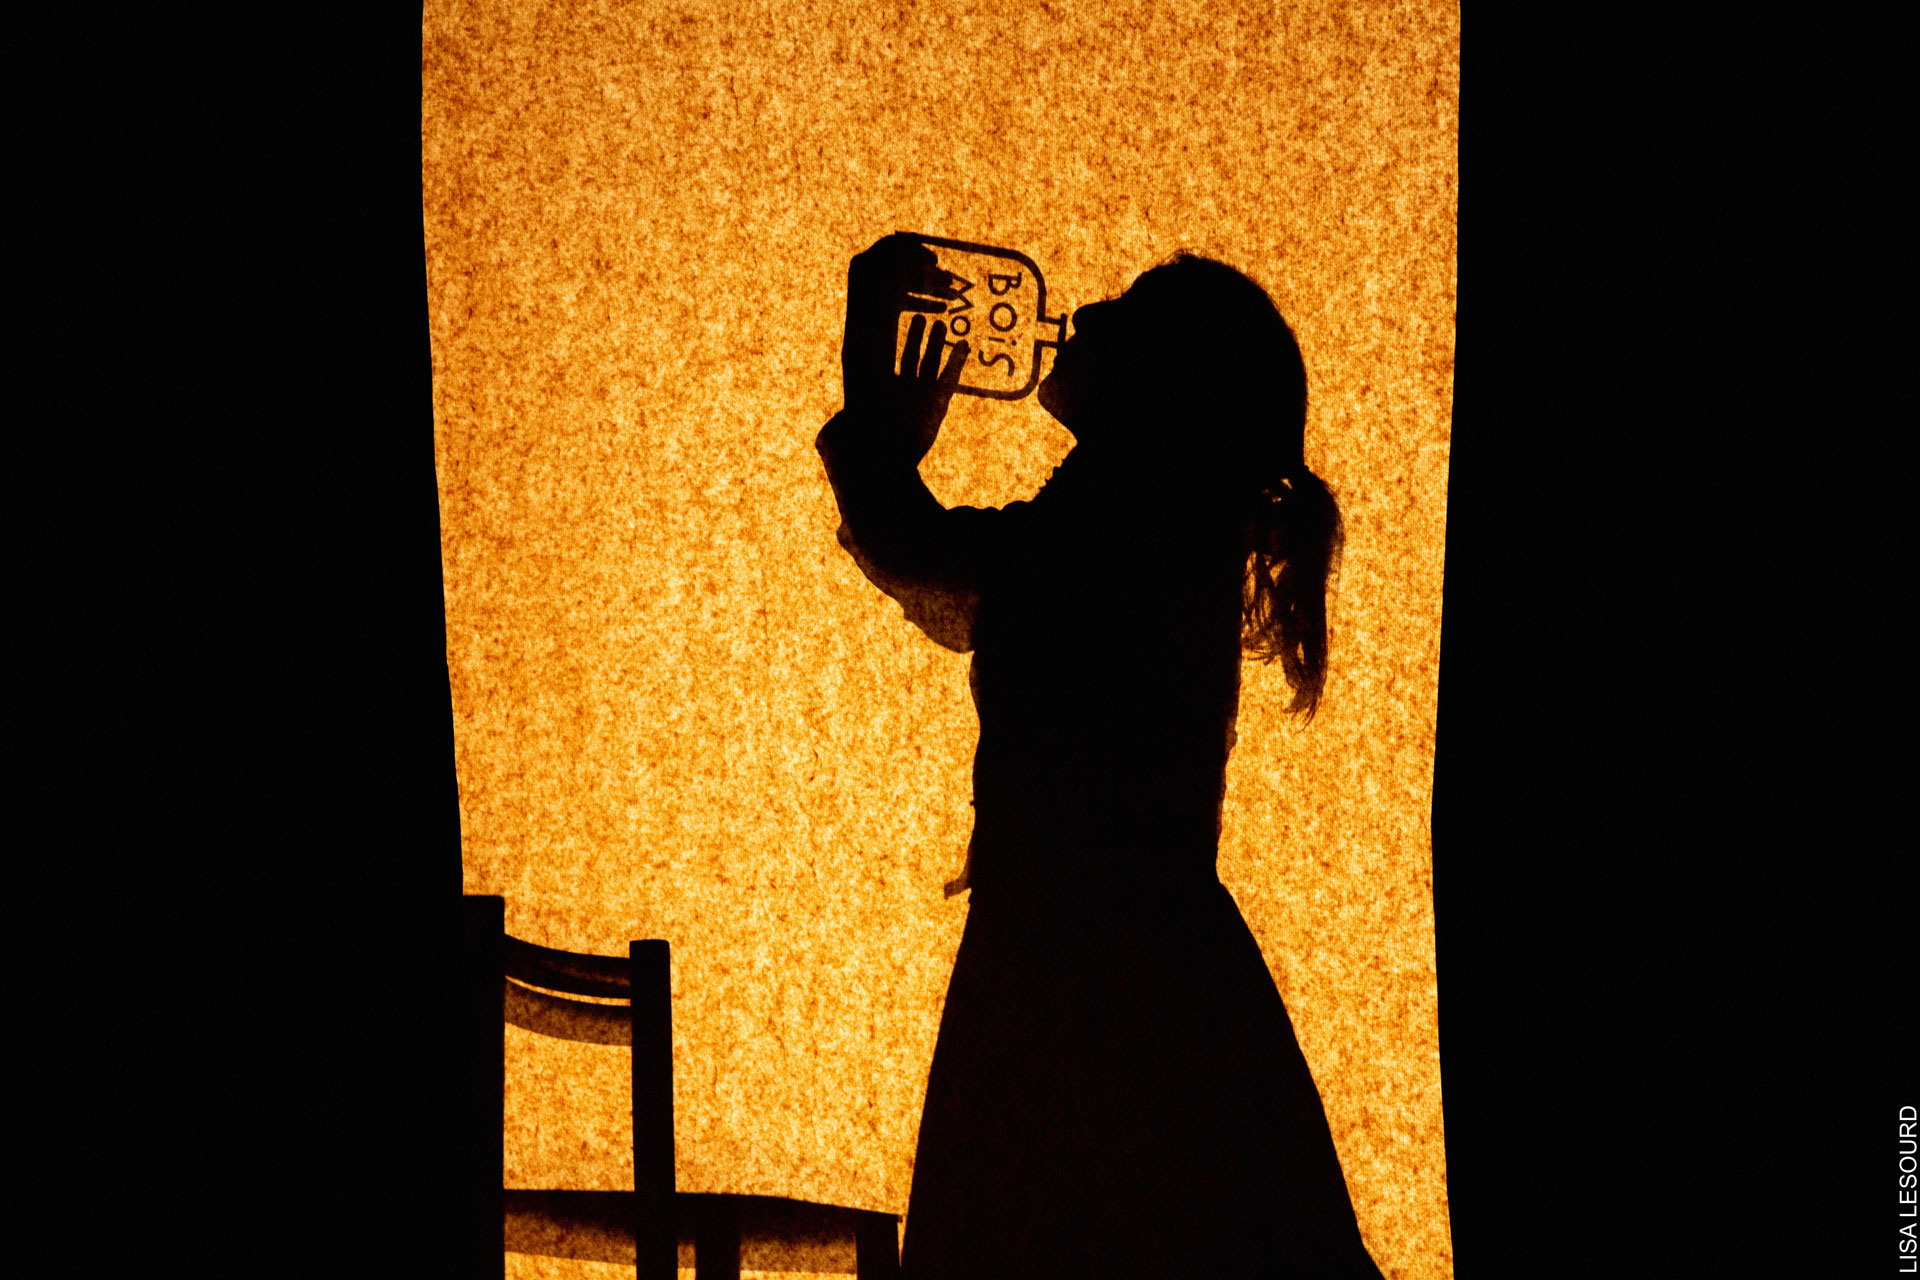 La silhouette d'Alice se dessine en ombres chinoises. Elle boit à une bouteille portant l'inscription bois-moi